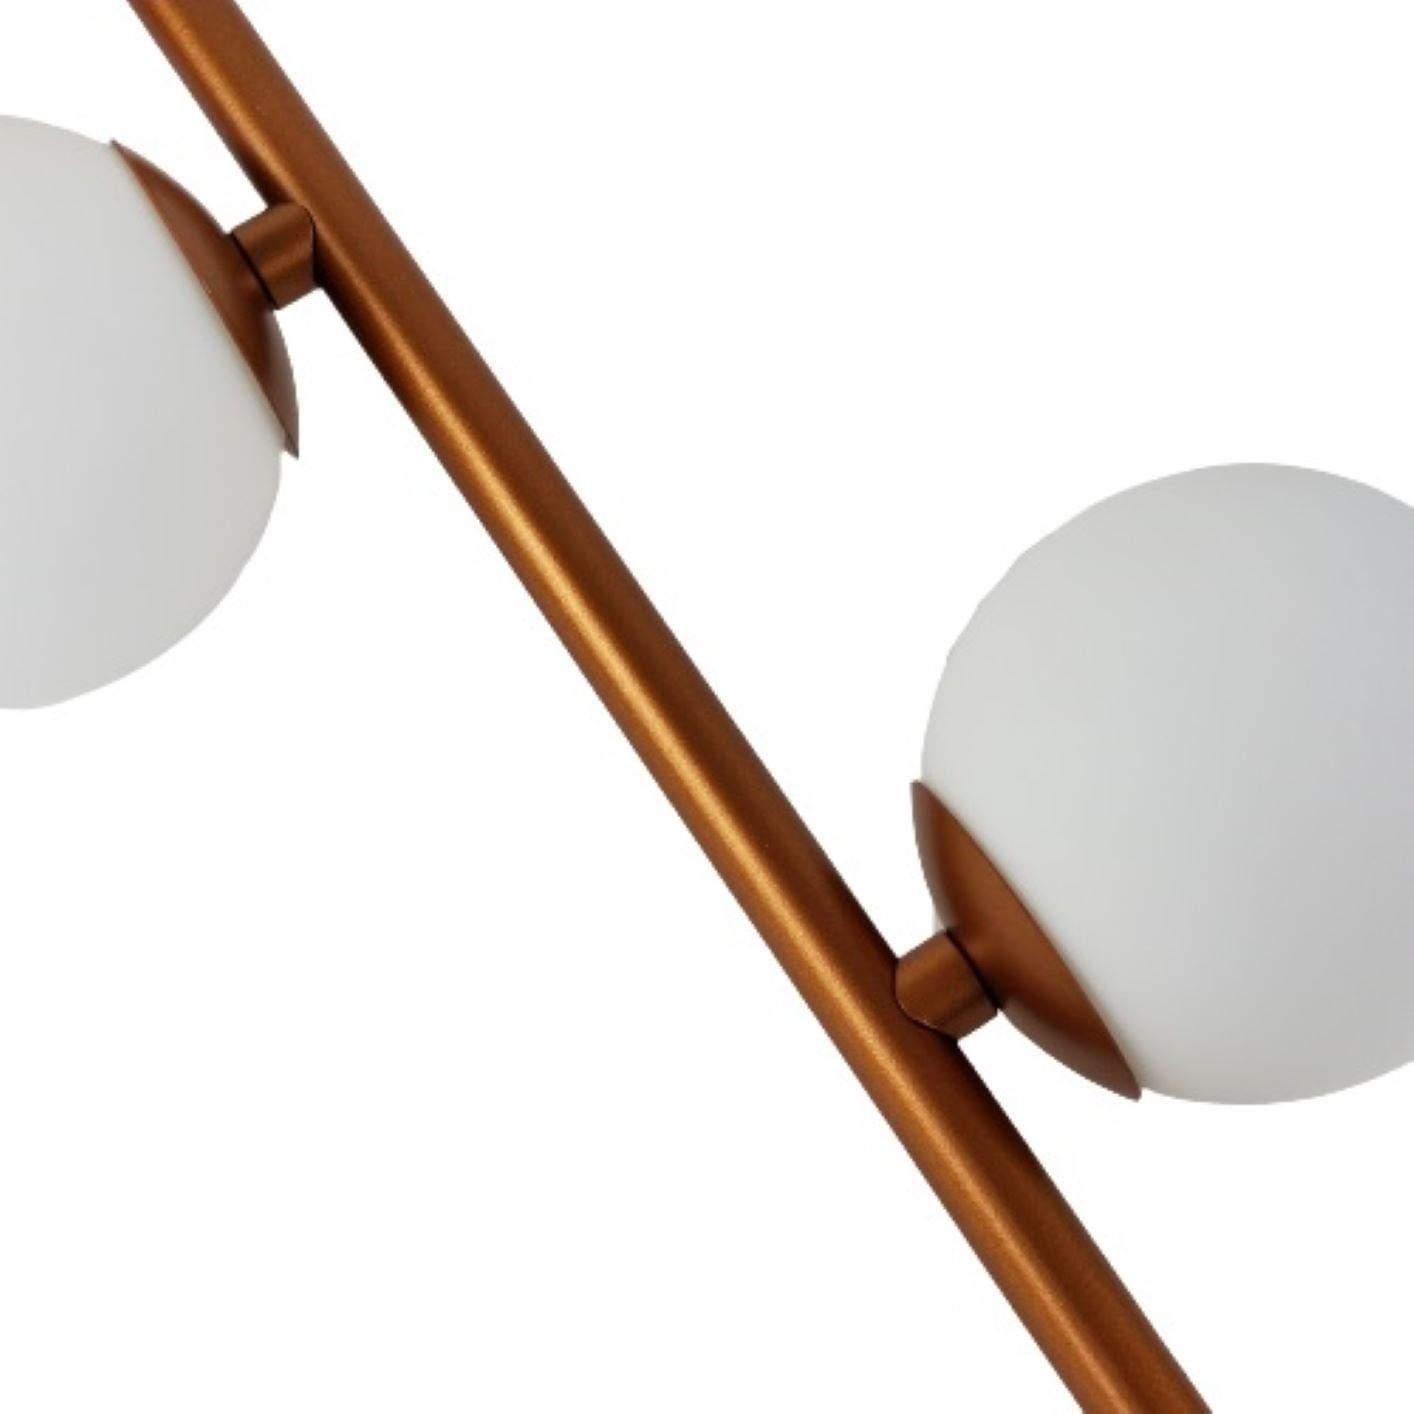 Pendente Galha 2 Bolinhas - Cobre Metalizado e Vidro Fosco